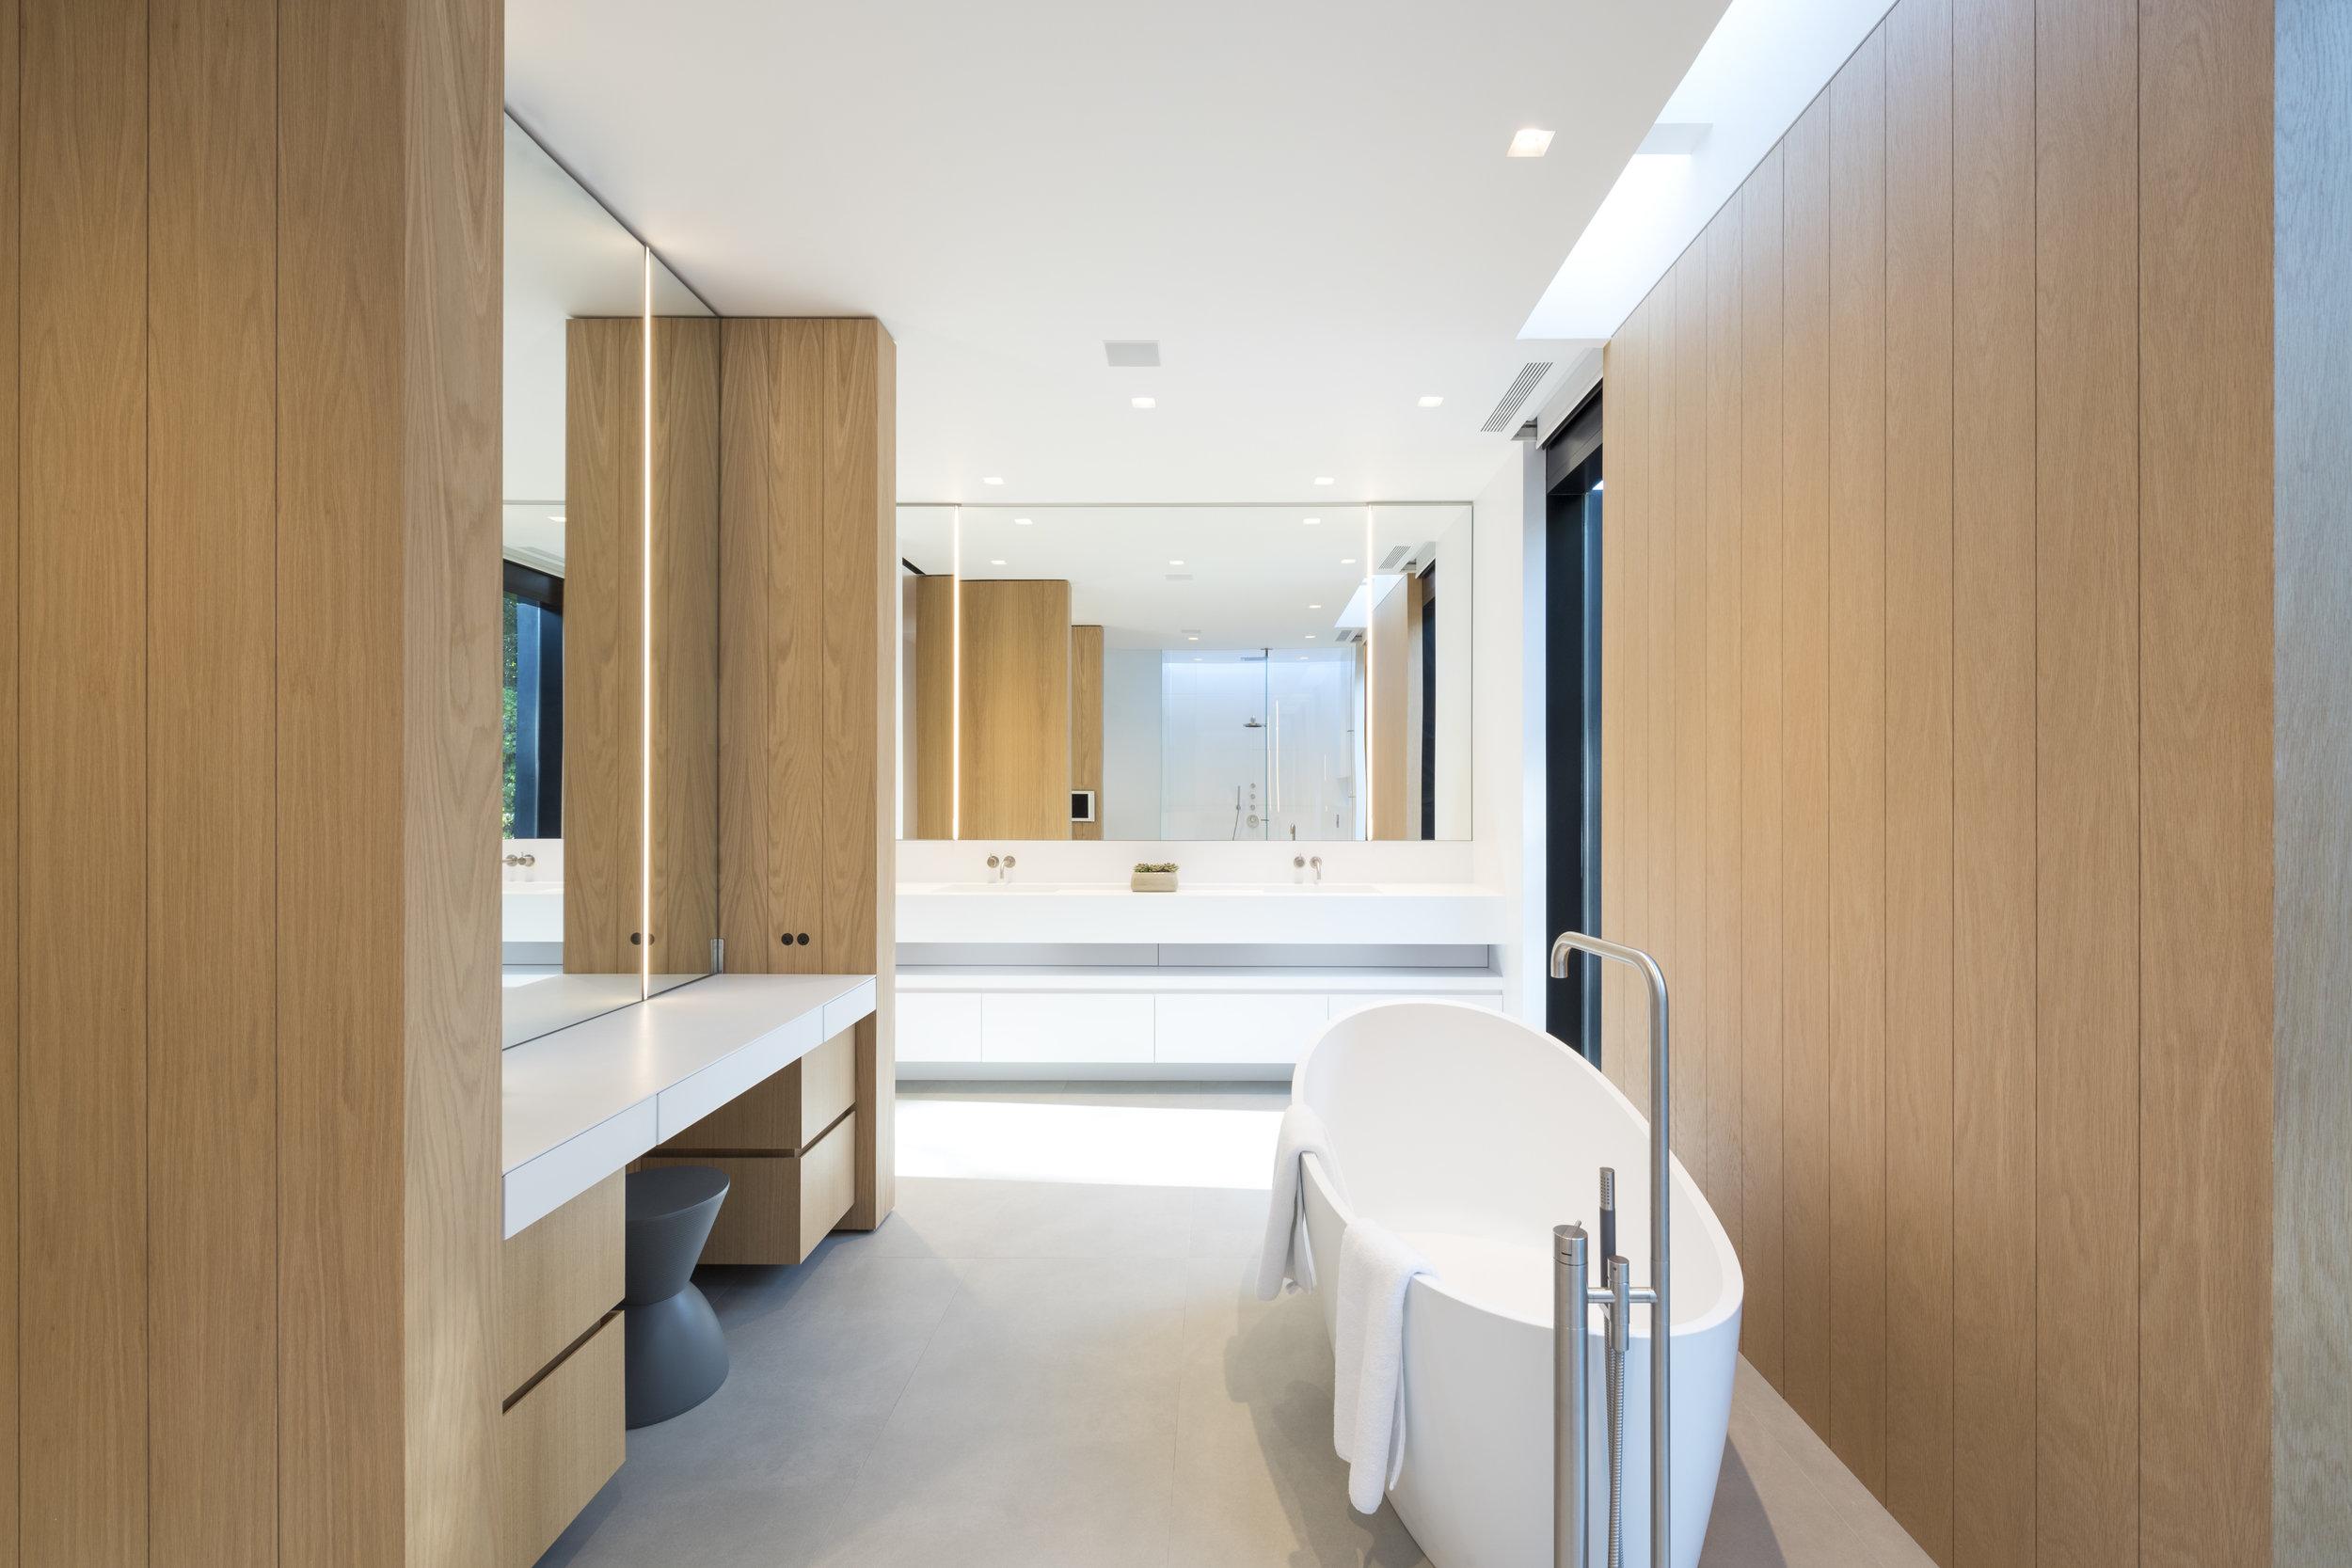 Private luxury custom master bathroom